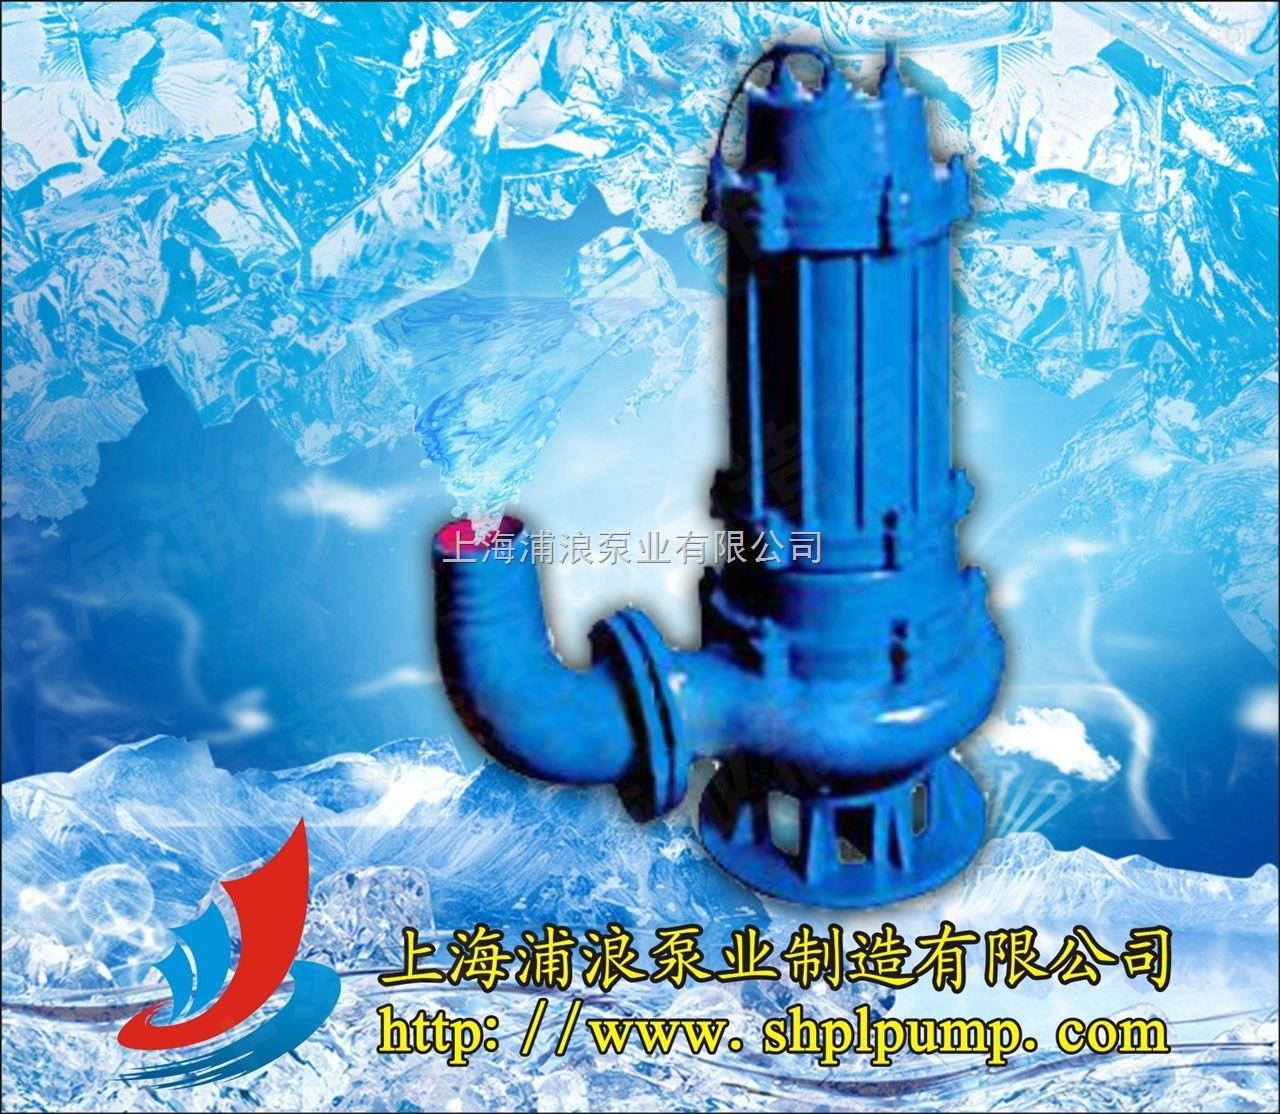 排污泵,QW自吸排污泵,排污泵型号,排污泵厂家